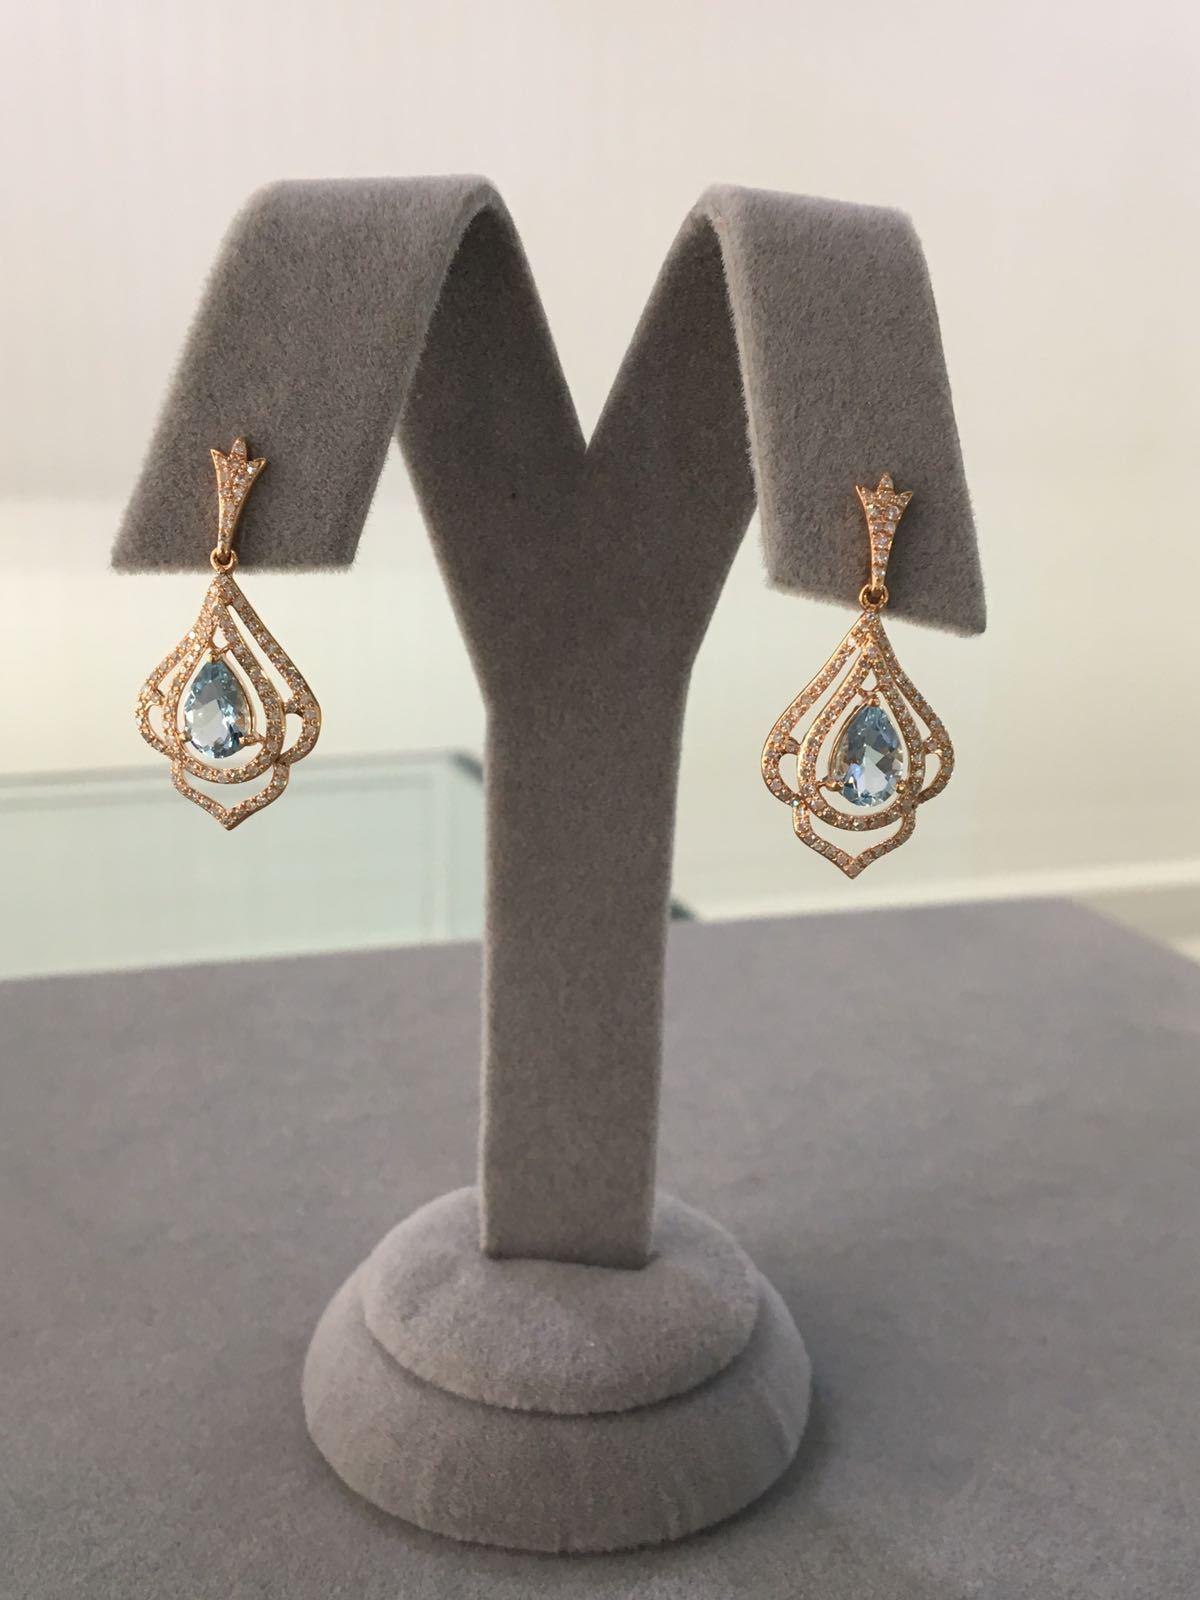 Rose Gold Diamond & Aquamarine Drop Earrings